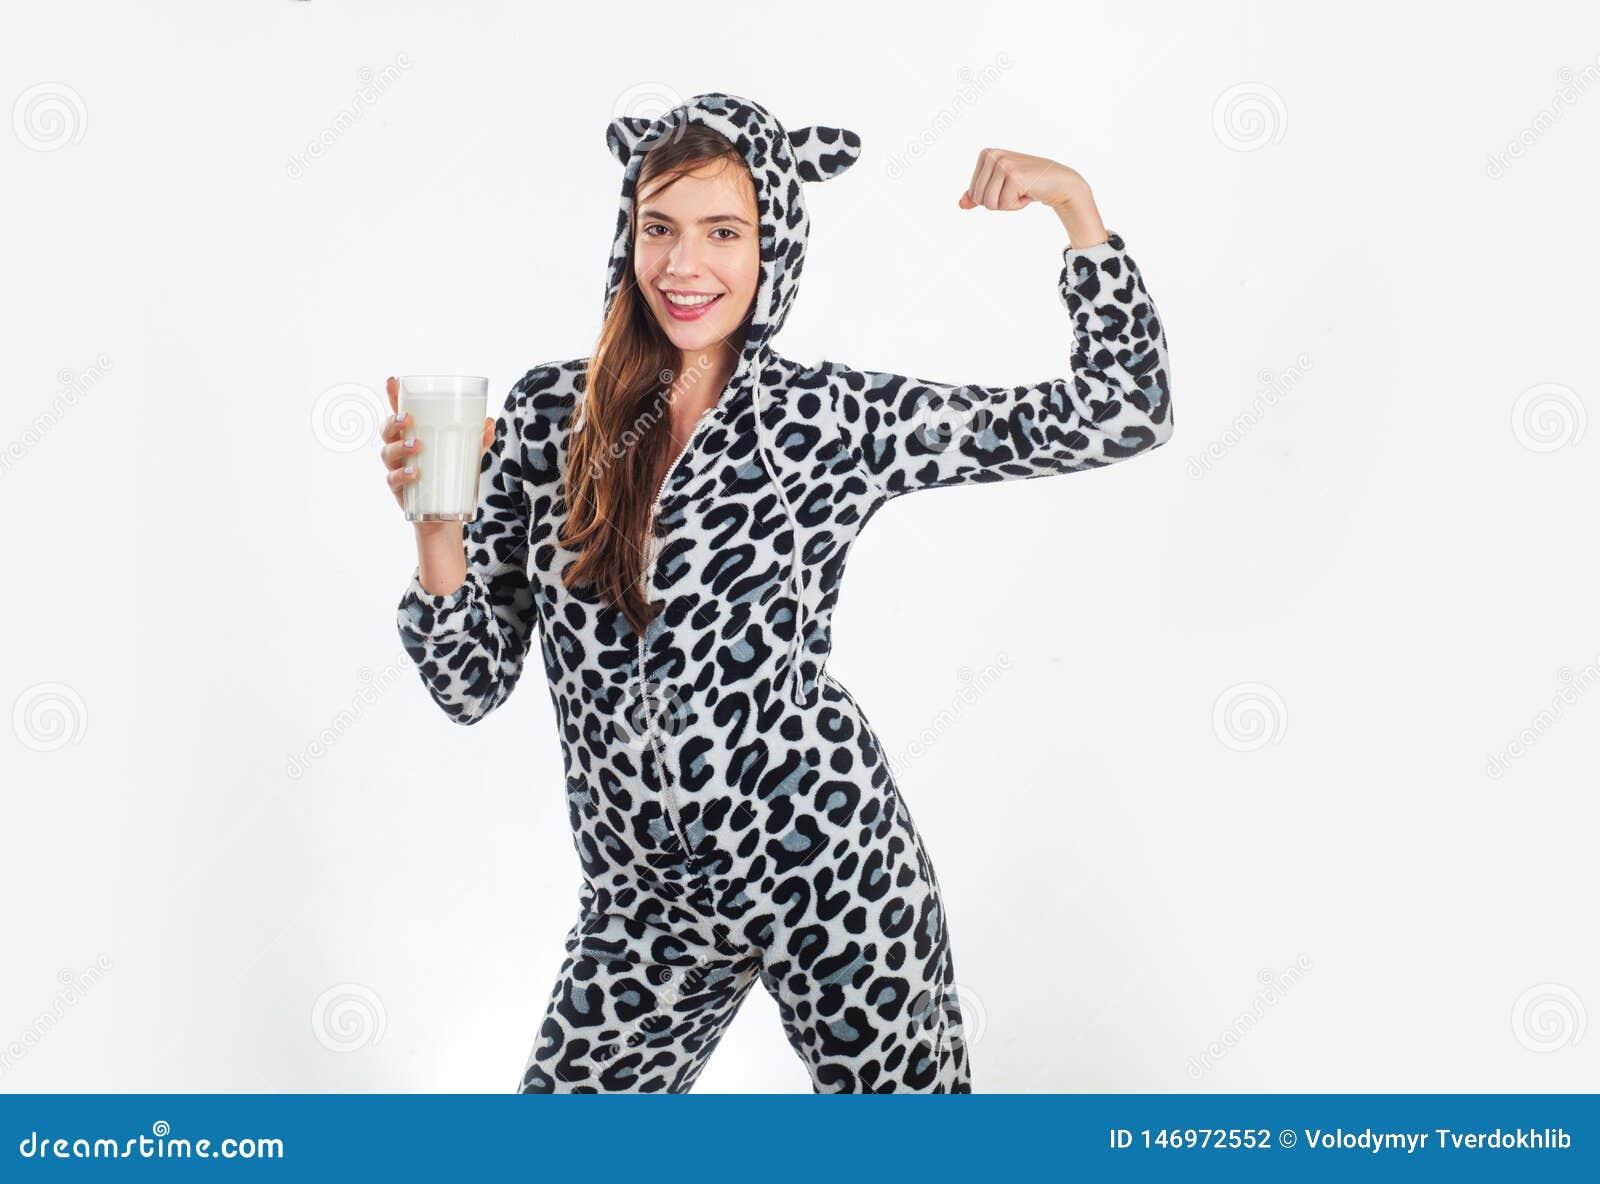 Πήρα το γάλα κοιτάζοντας στο κόμμα Όμορφο κορίτσι στο επισημασμένο ποτήρι εκμετάλλευσης κοστουμιών σχεδίου αγελάδων των γαλακτοκο